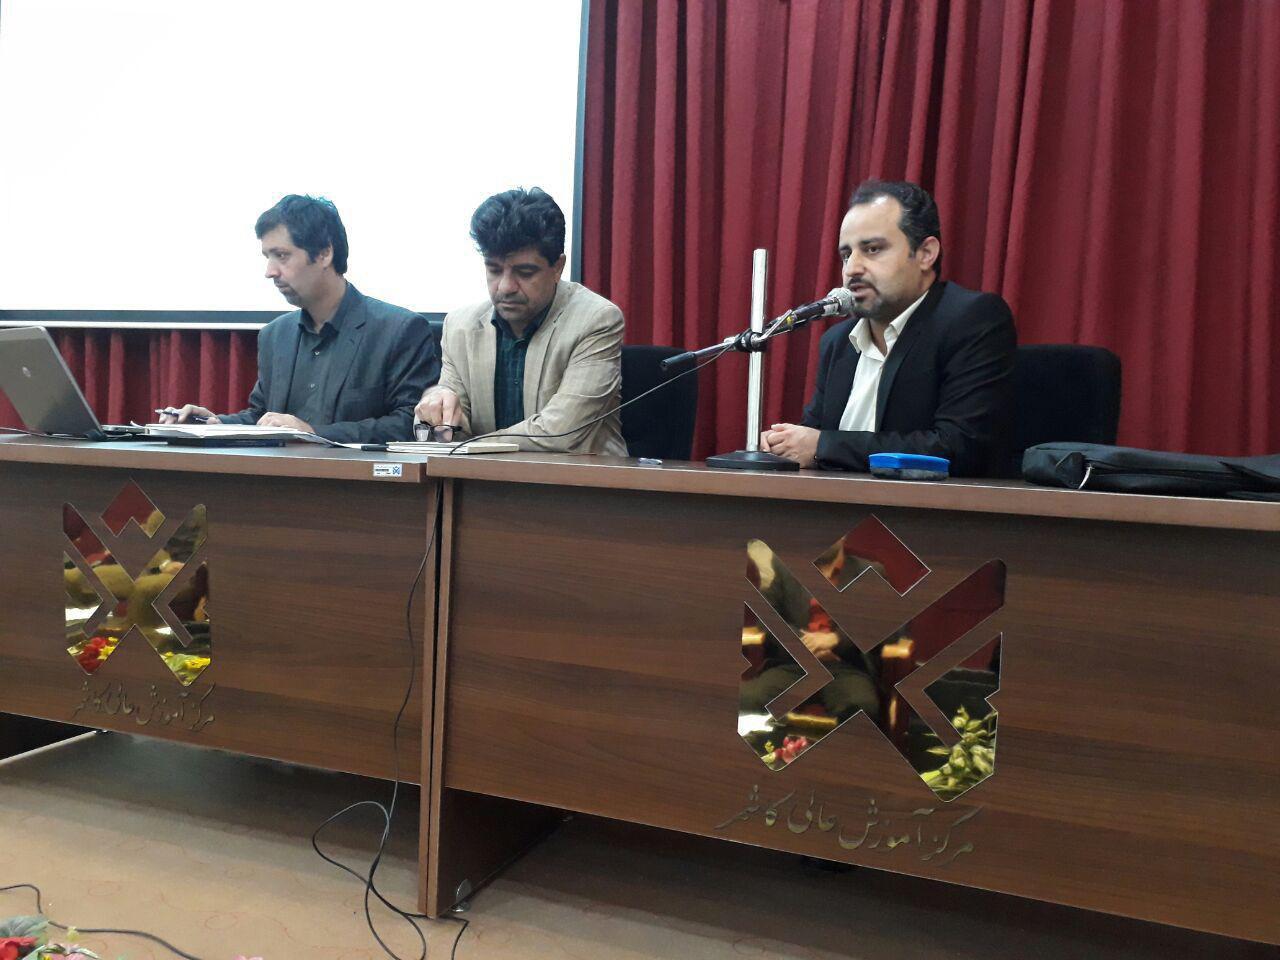 رقابت  3486 داوطلب کنکور در کاشمر آغاز شد